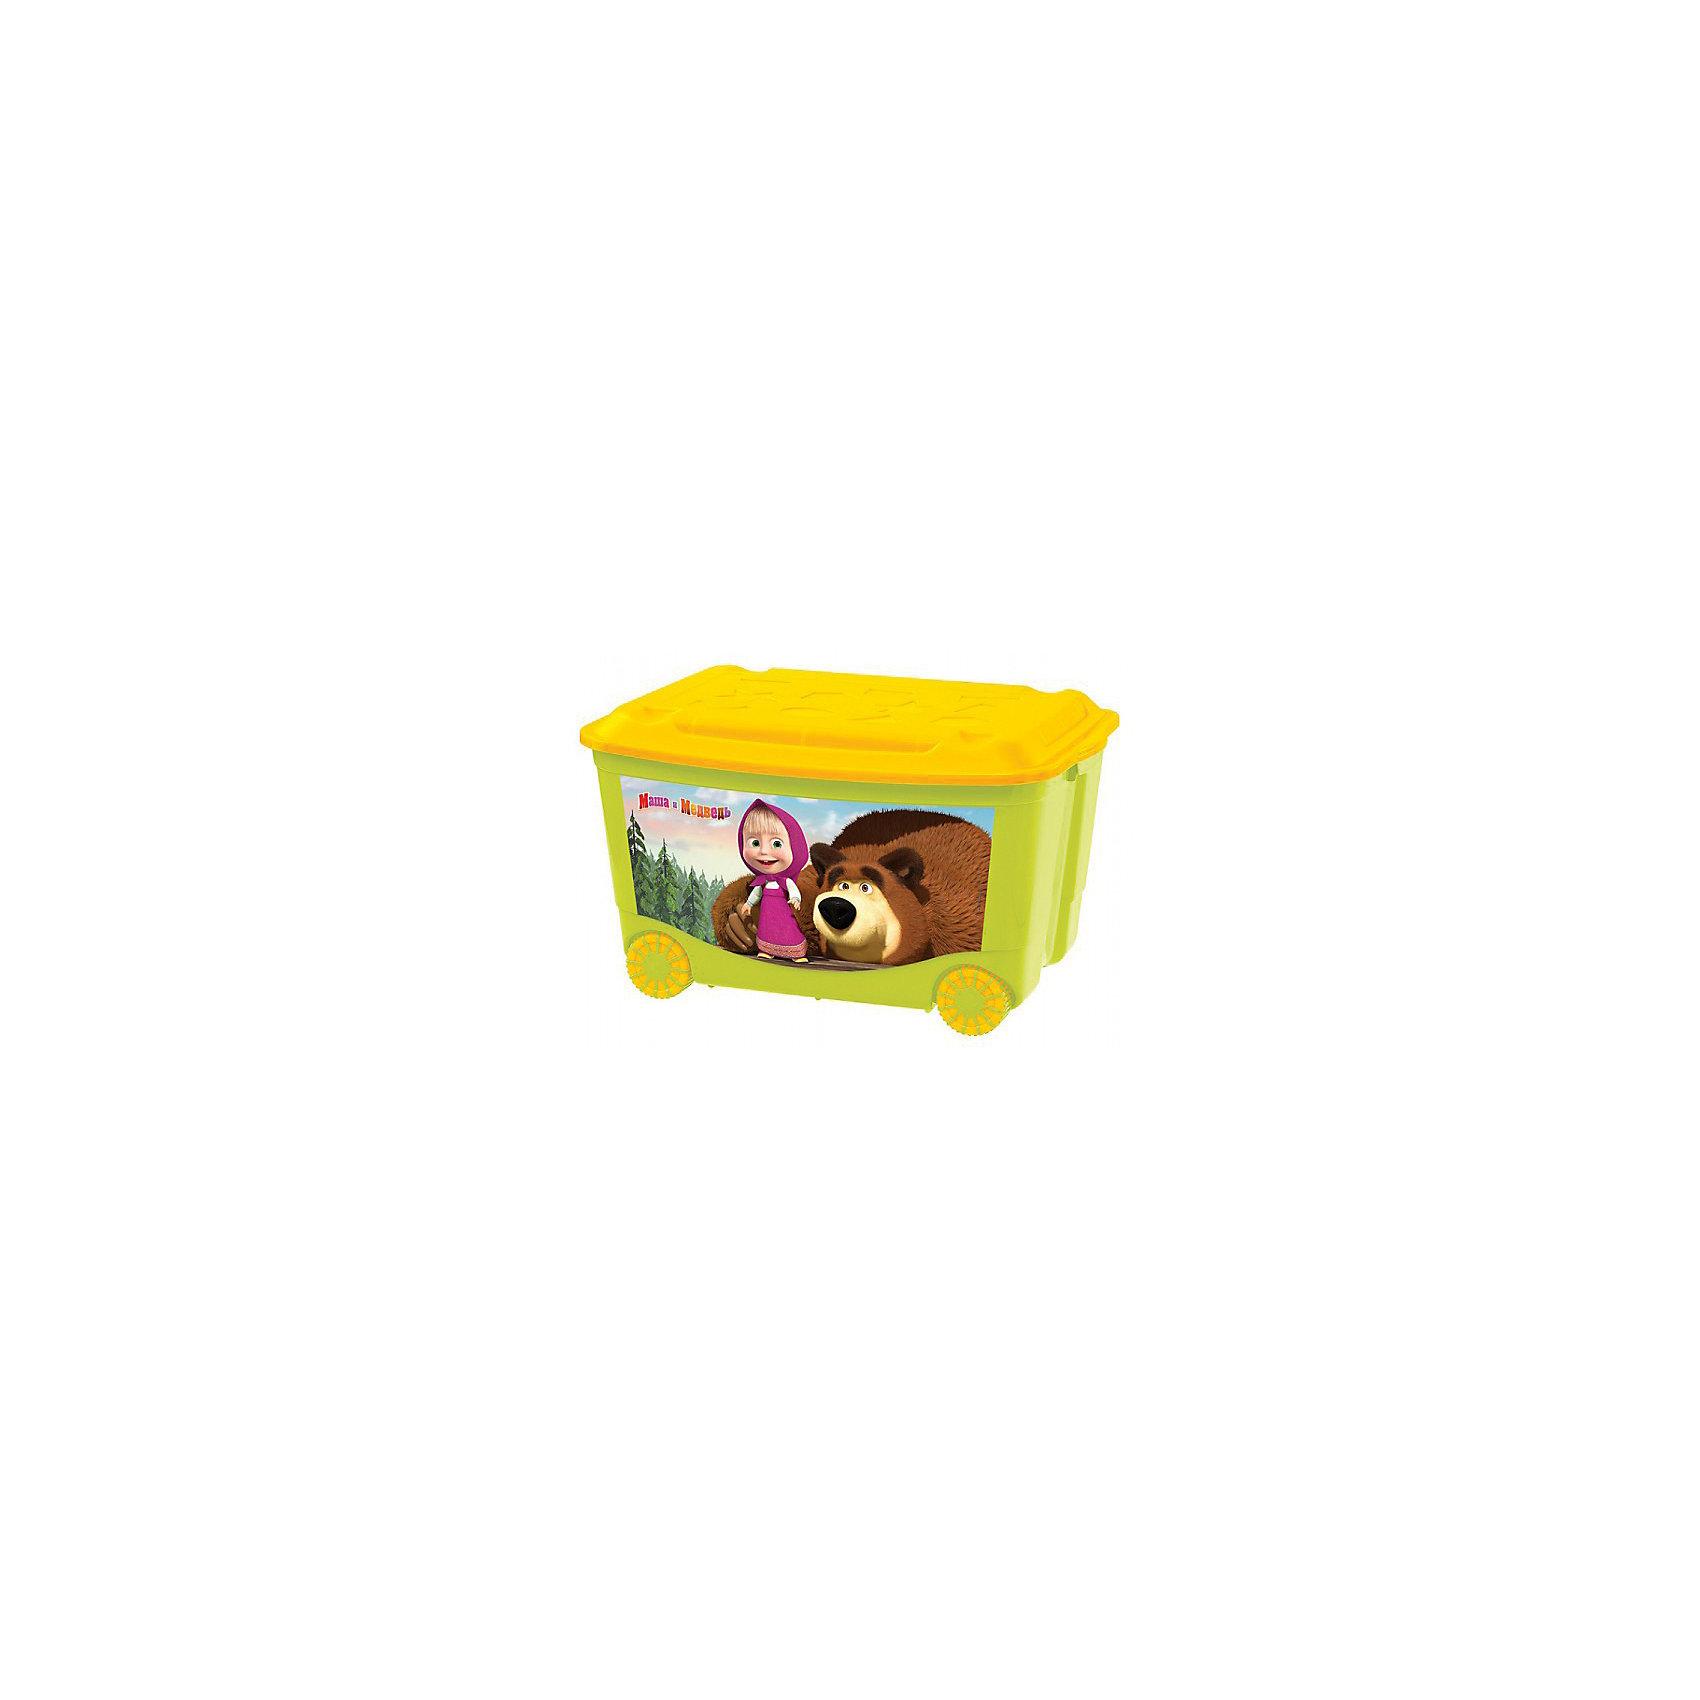 Пластишка Ящик для игрушек на колесах 580*390*335 Маша и Медведь, Пластишка, зелёный